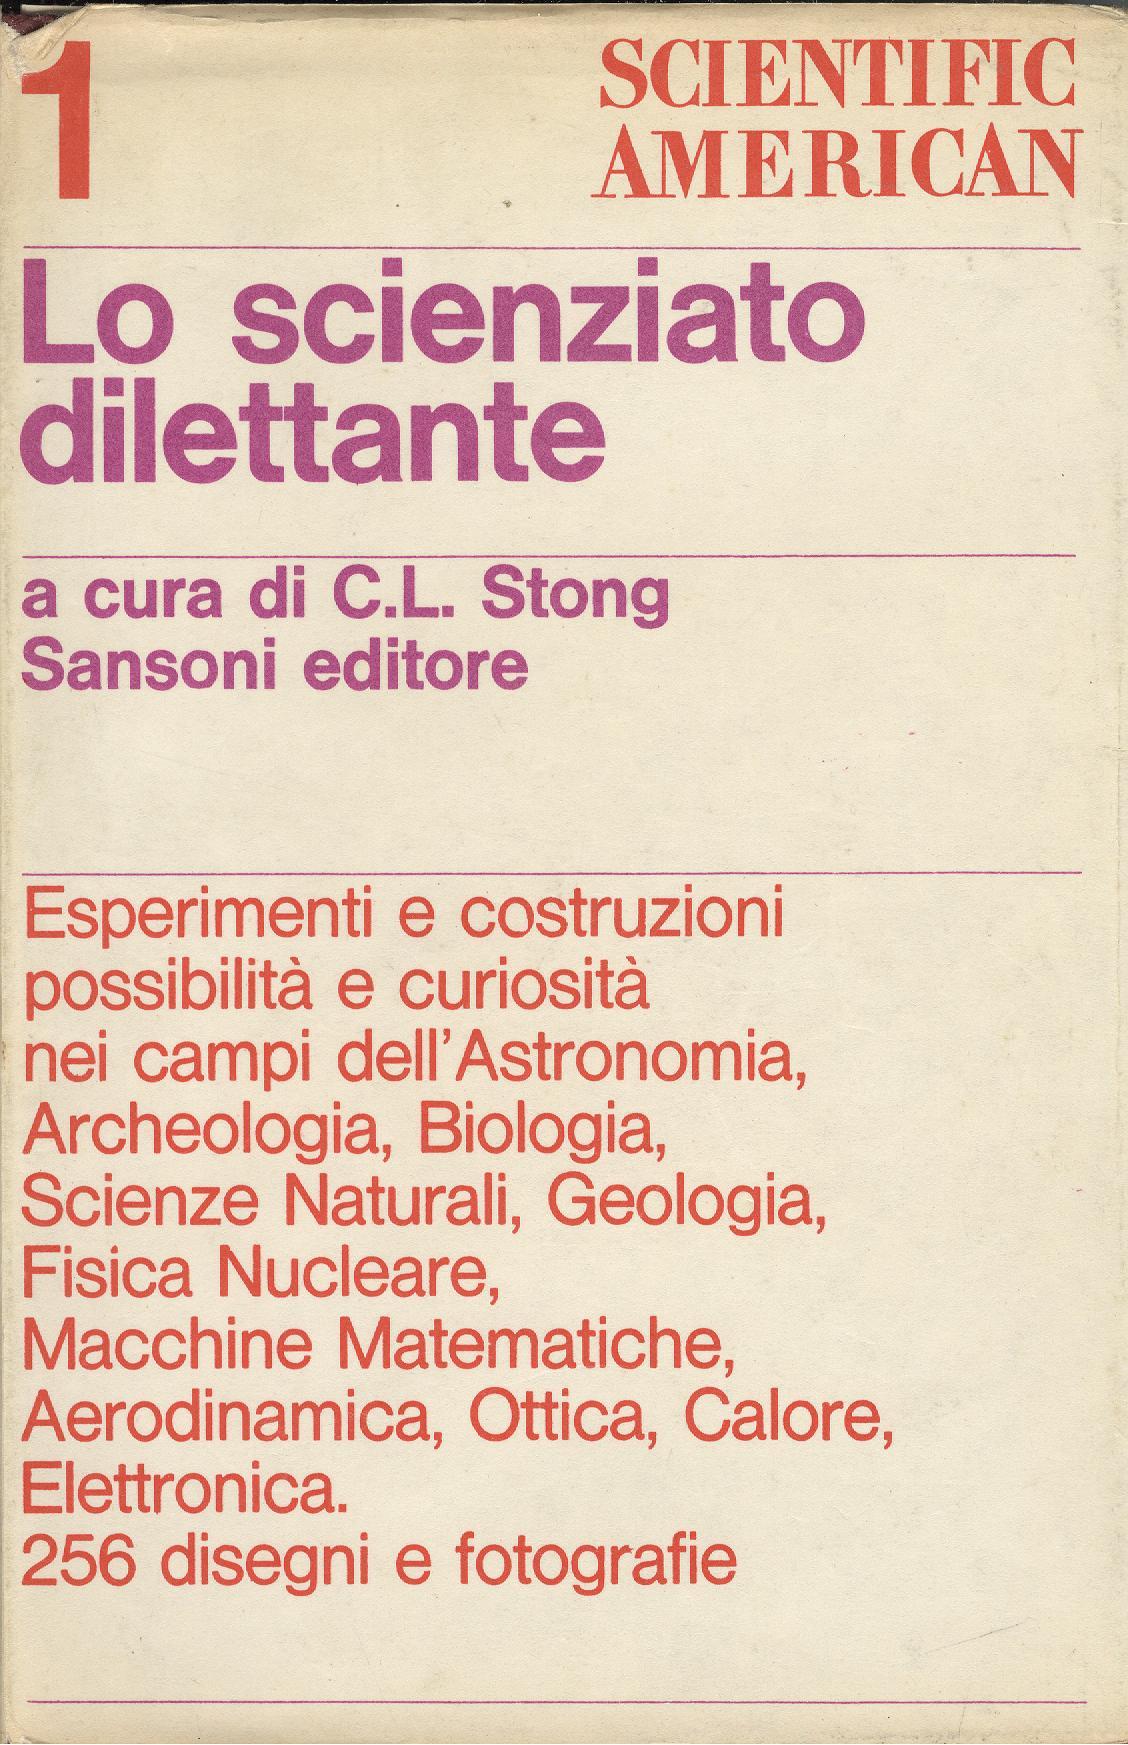 Lo scienziato dilettante